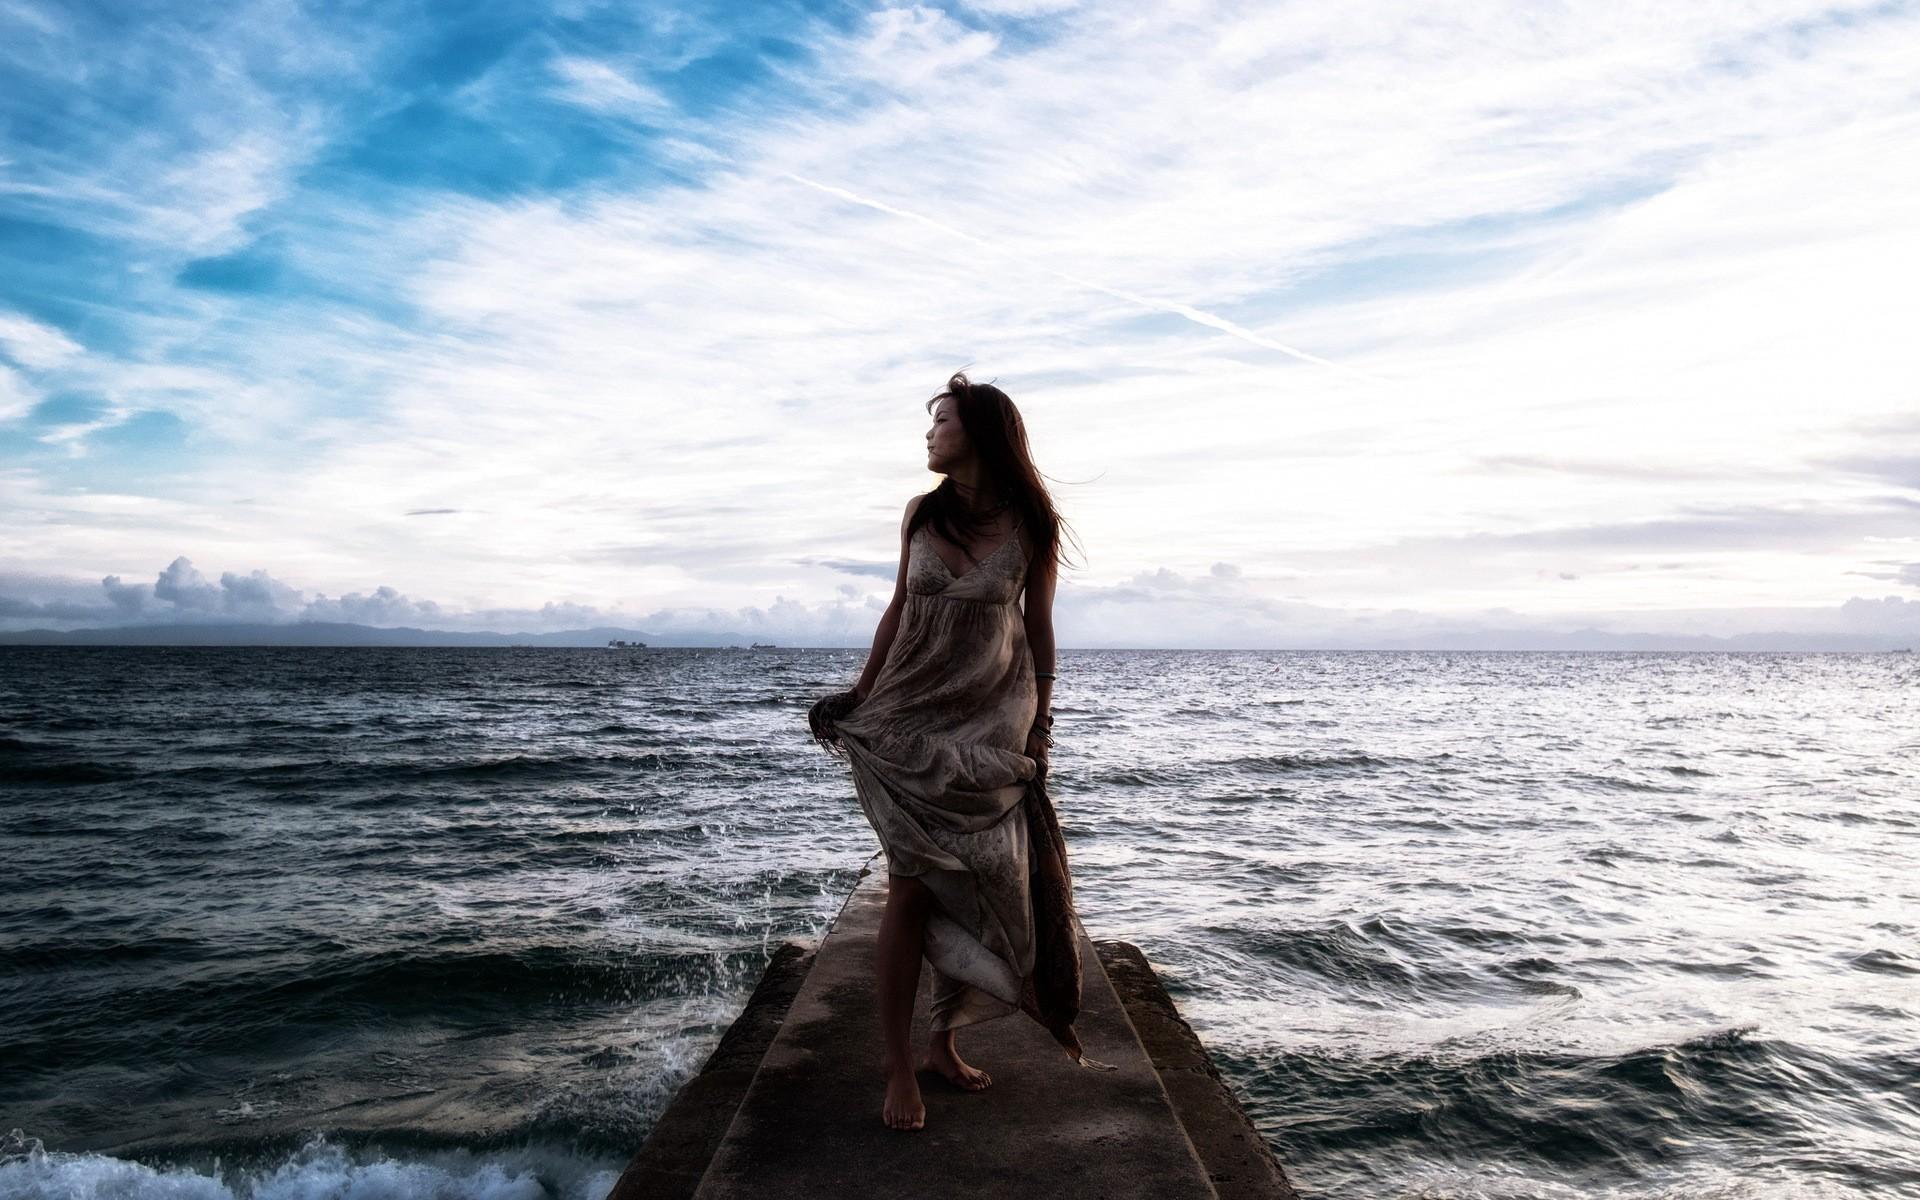 фото женщин на берегу моря анонимно 18